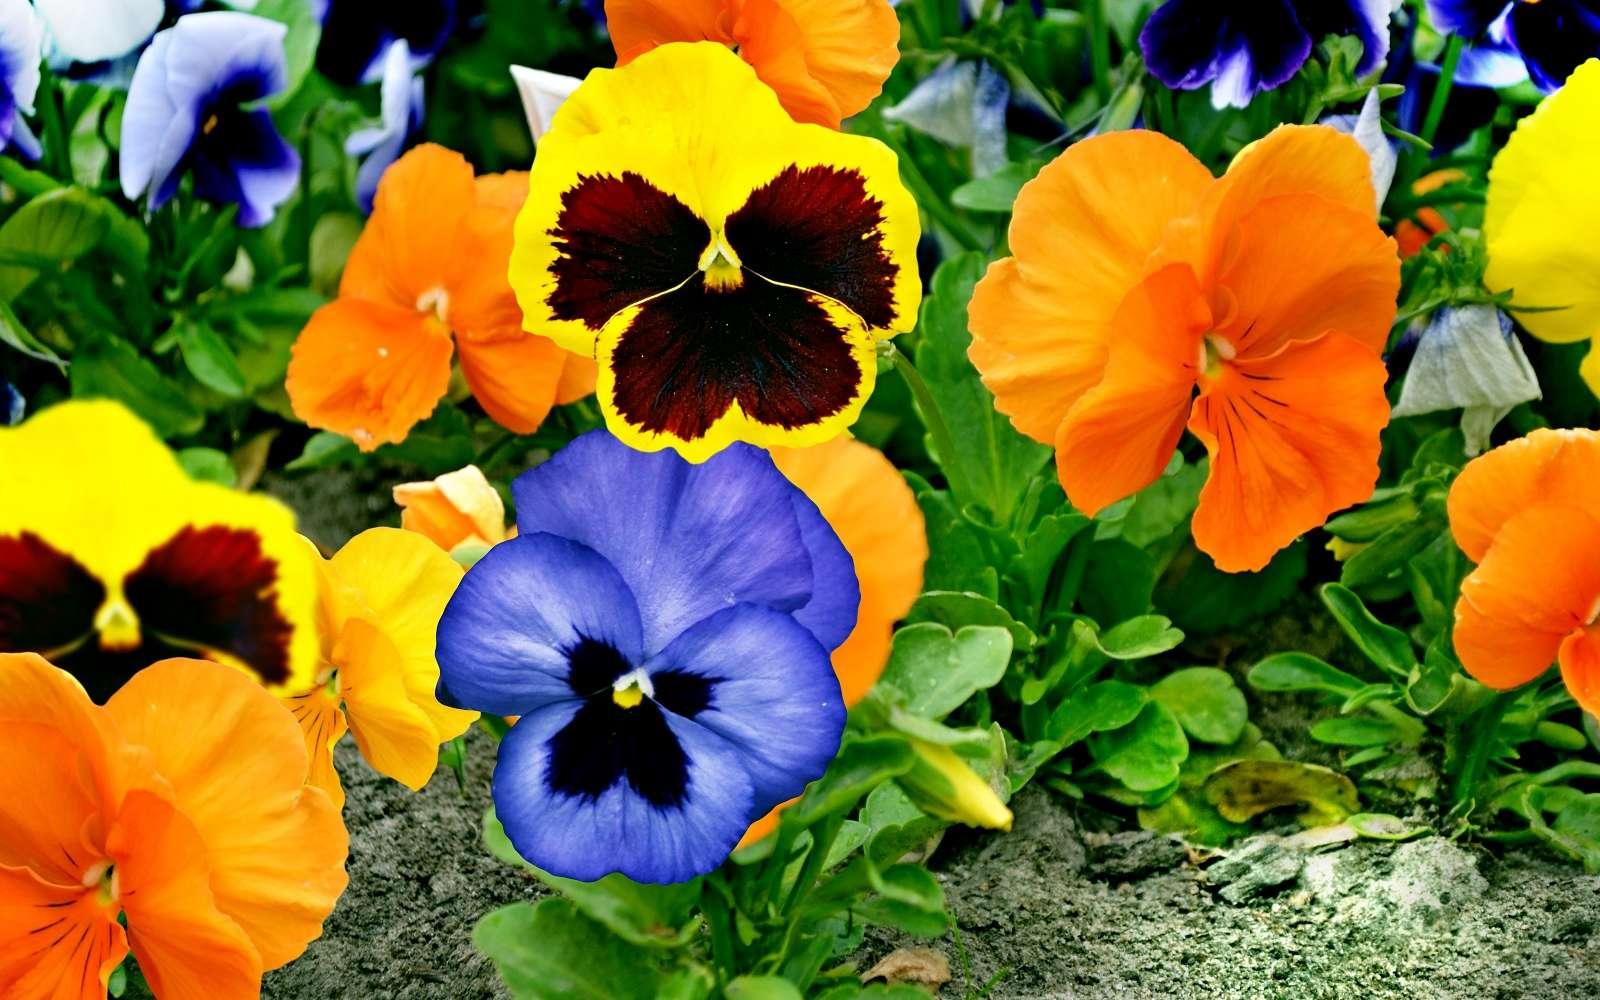 Apporter des couleurs au jardin avec les pensées. © alenalihacheva, Adobe Stock